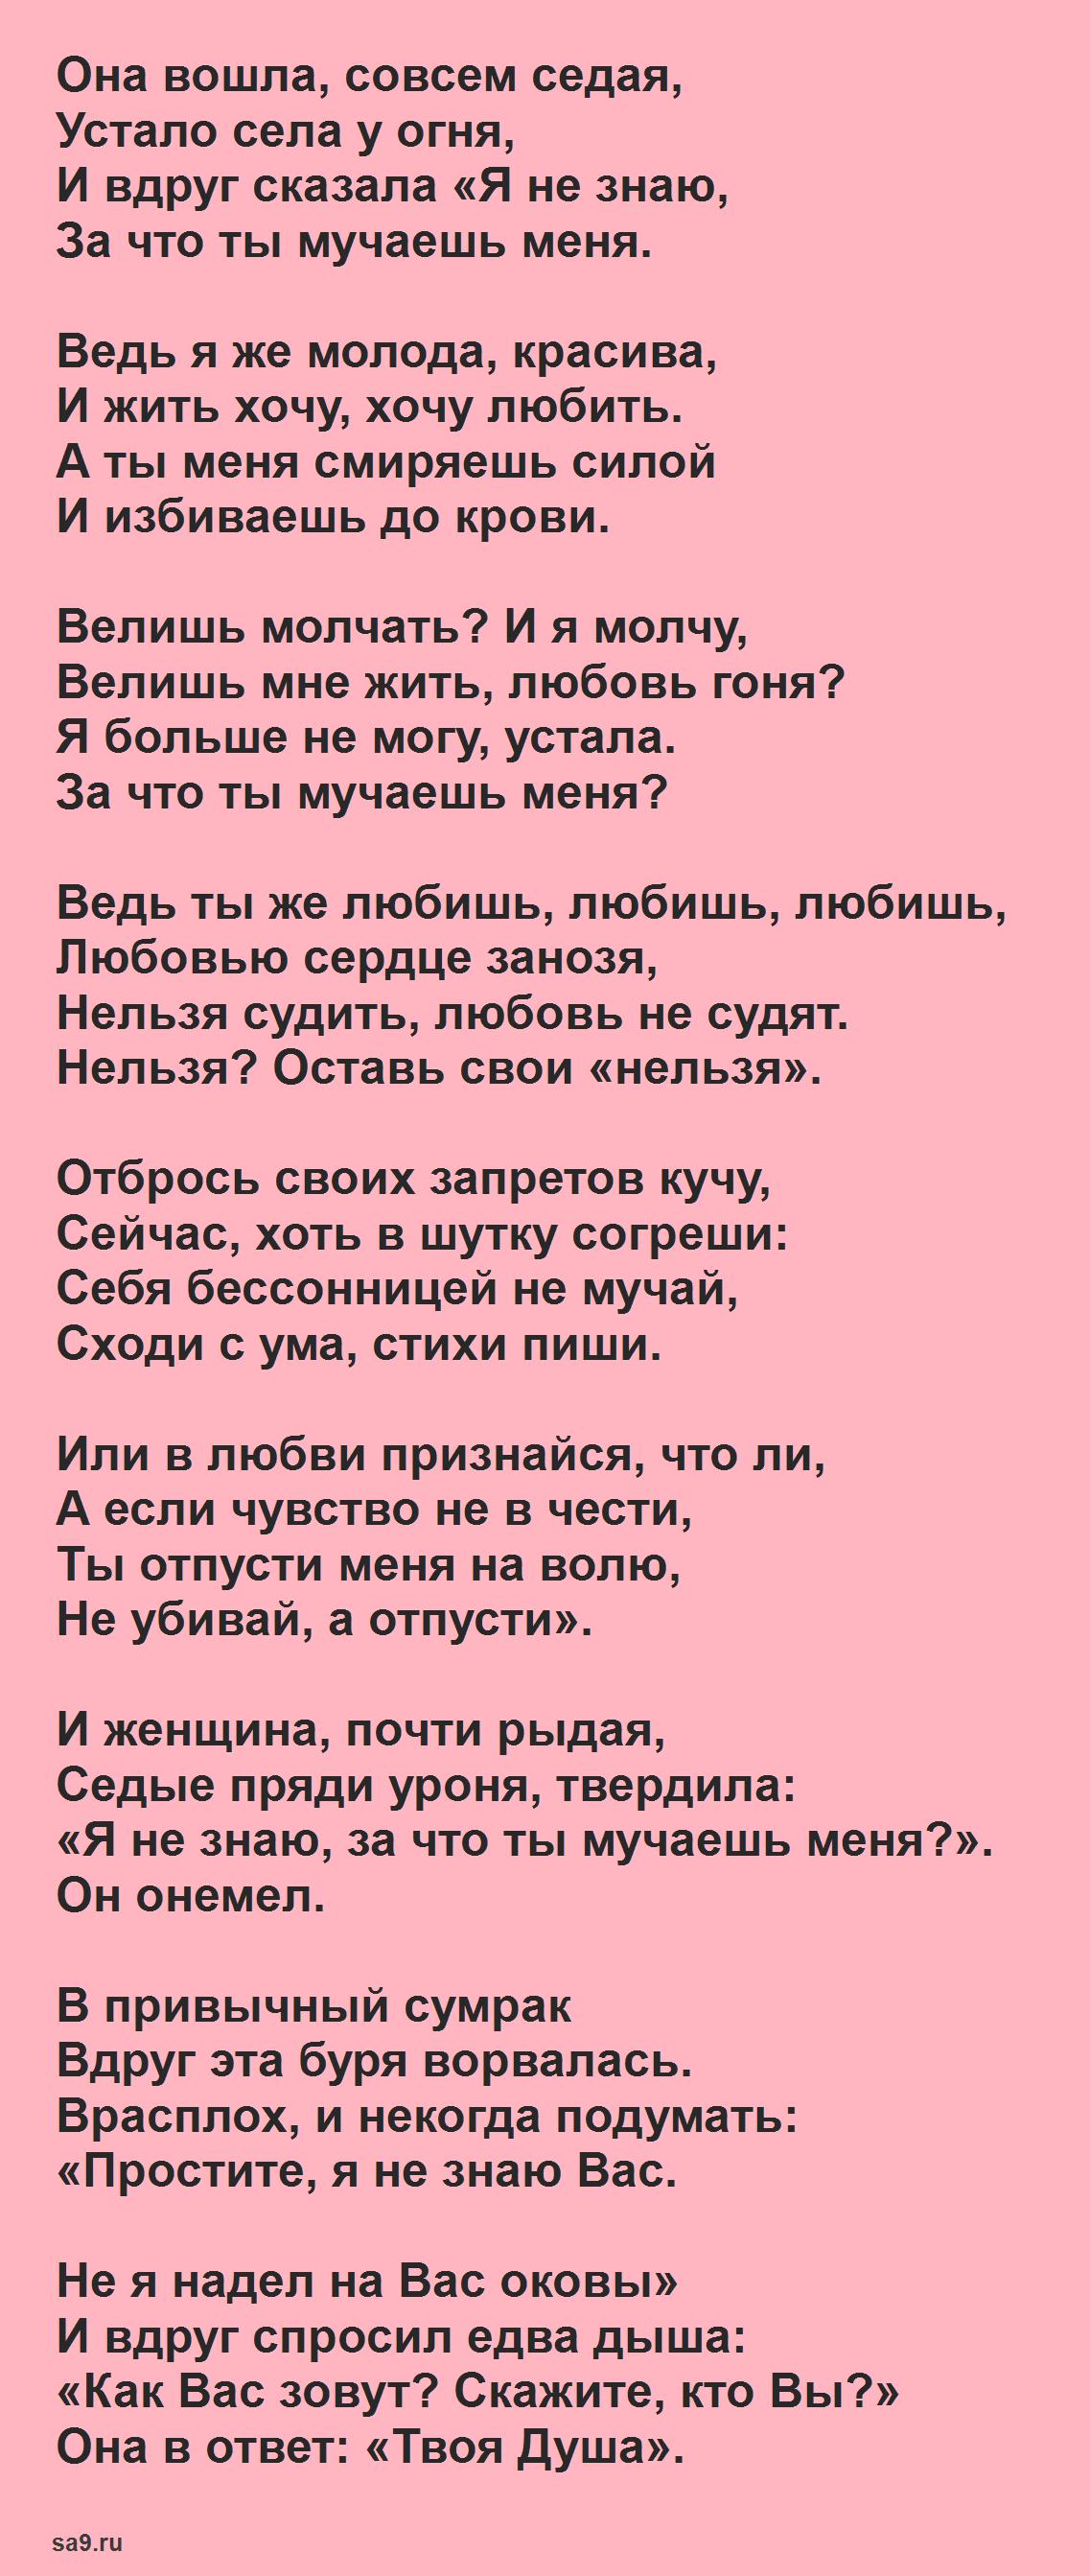 Эдуард Асадов стихи о любви - Она вошла совсем седая